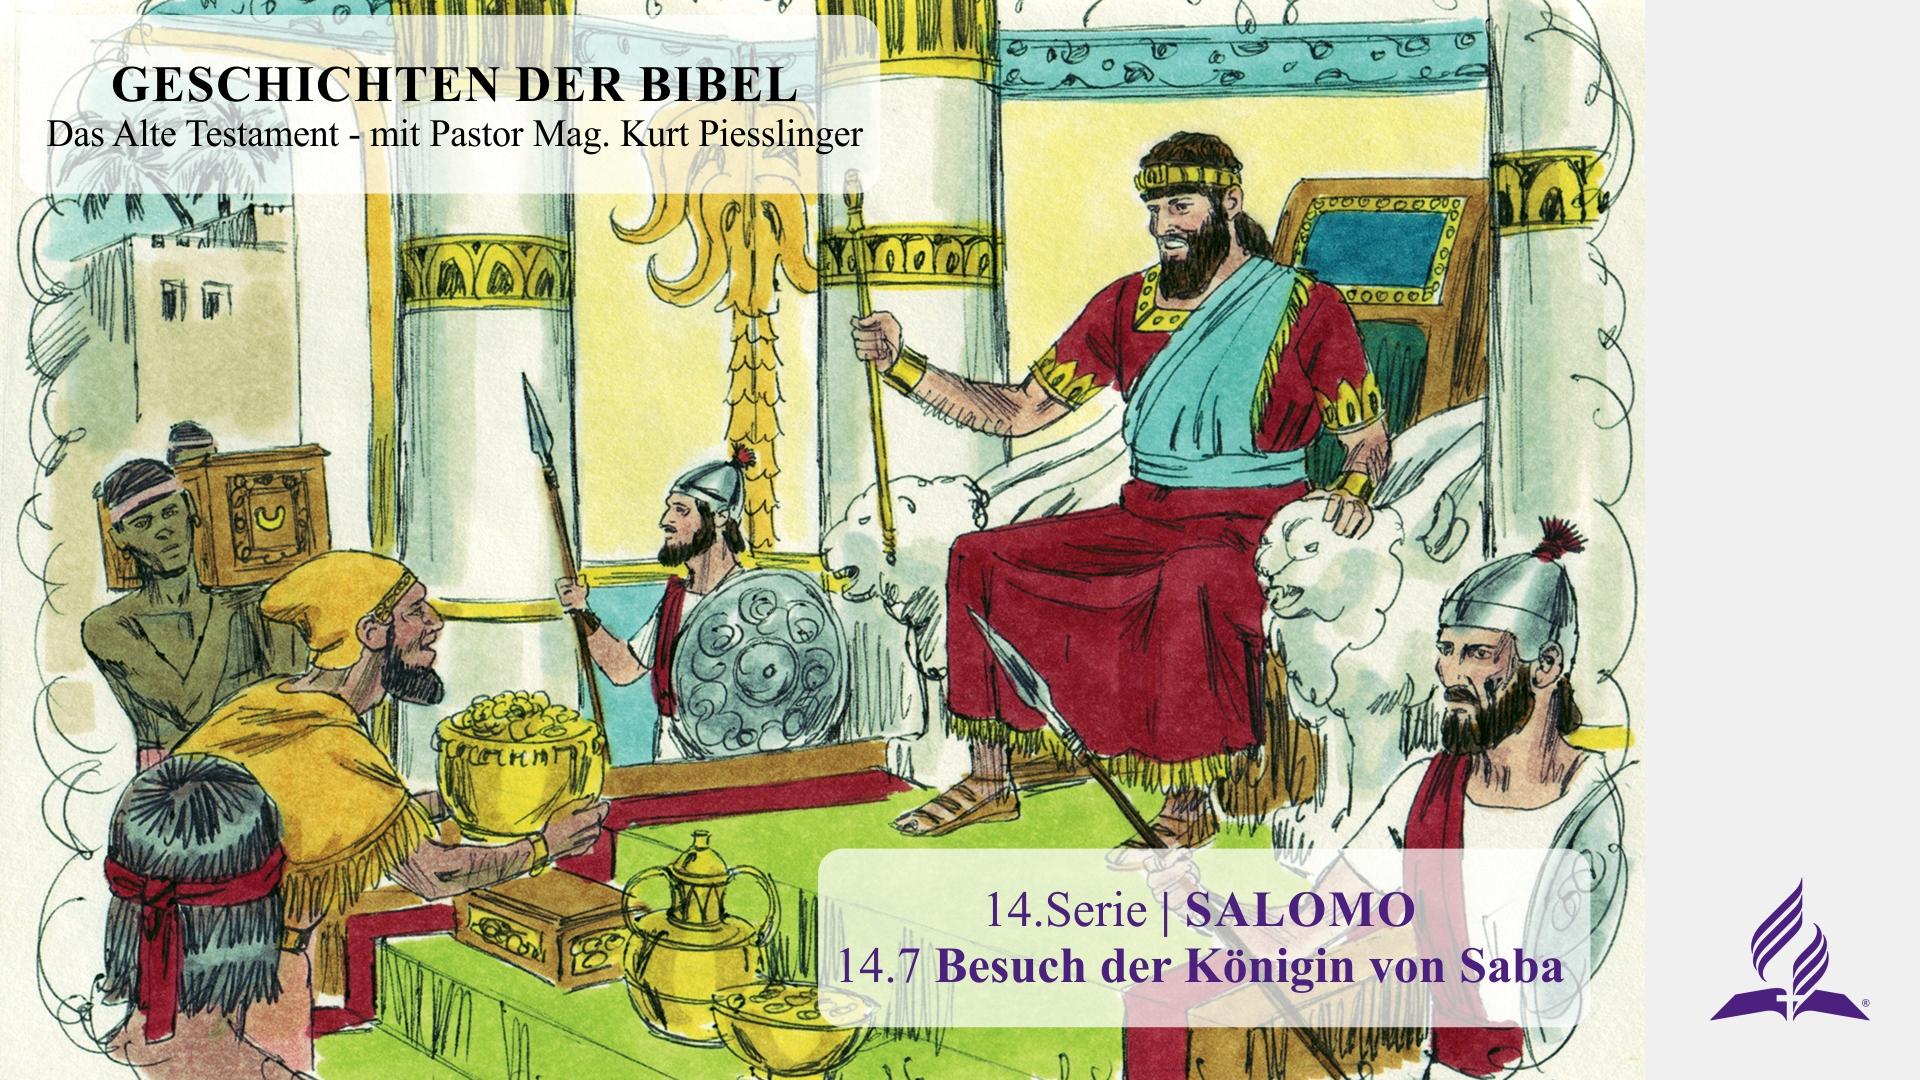 14.7 Besuch der Königin von Saba x